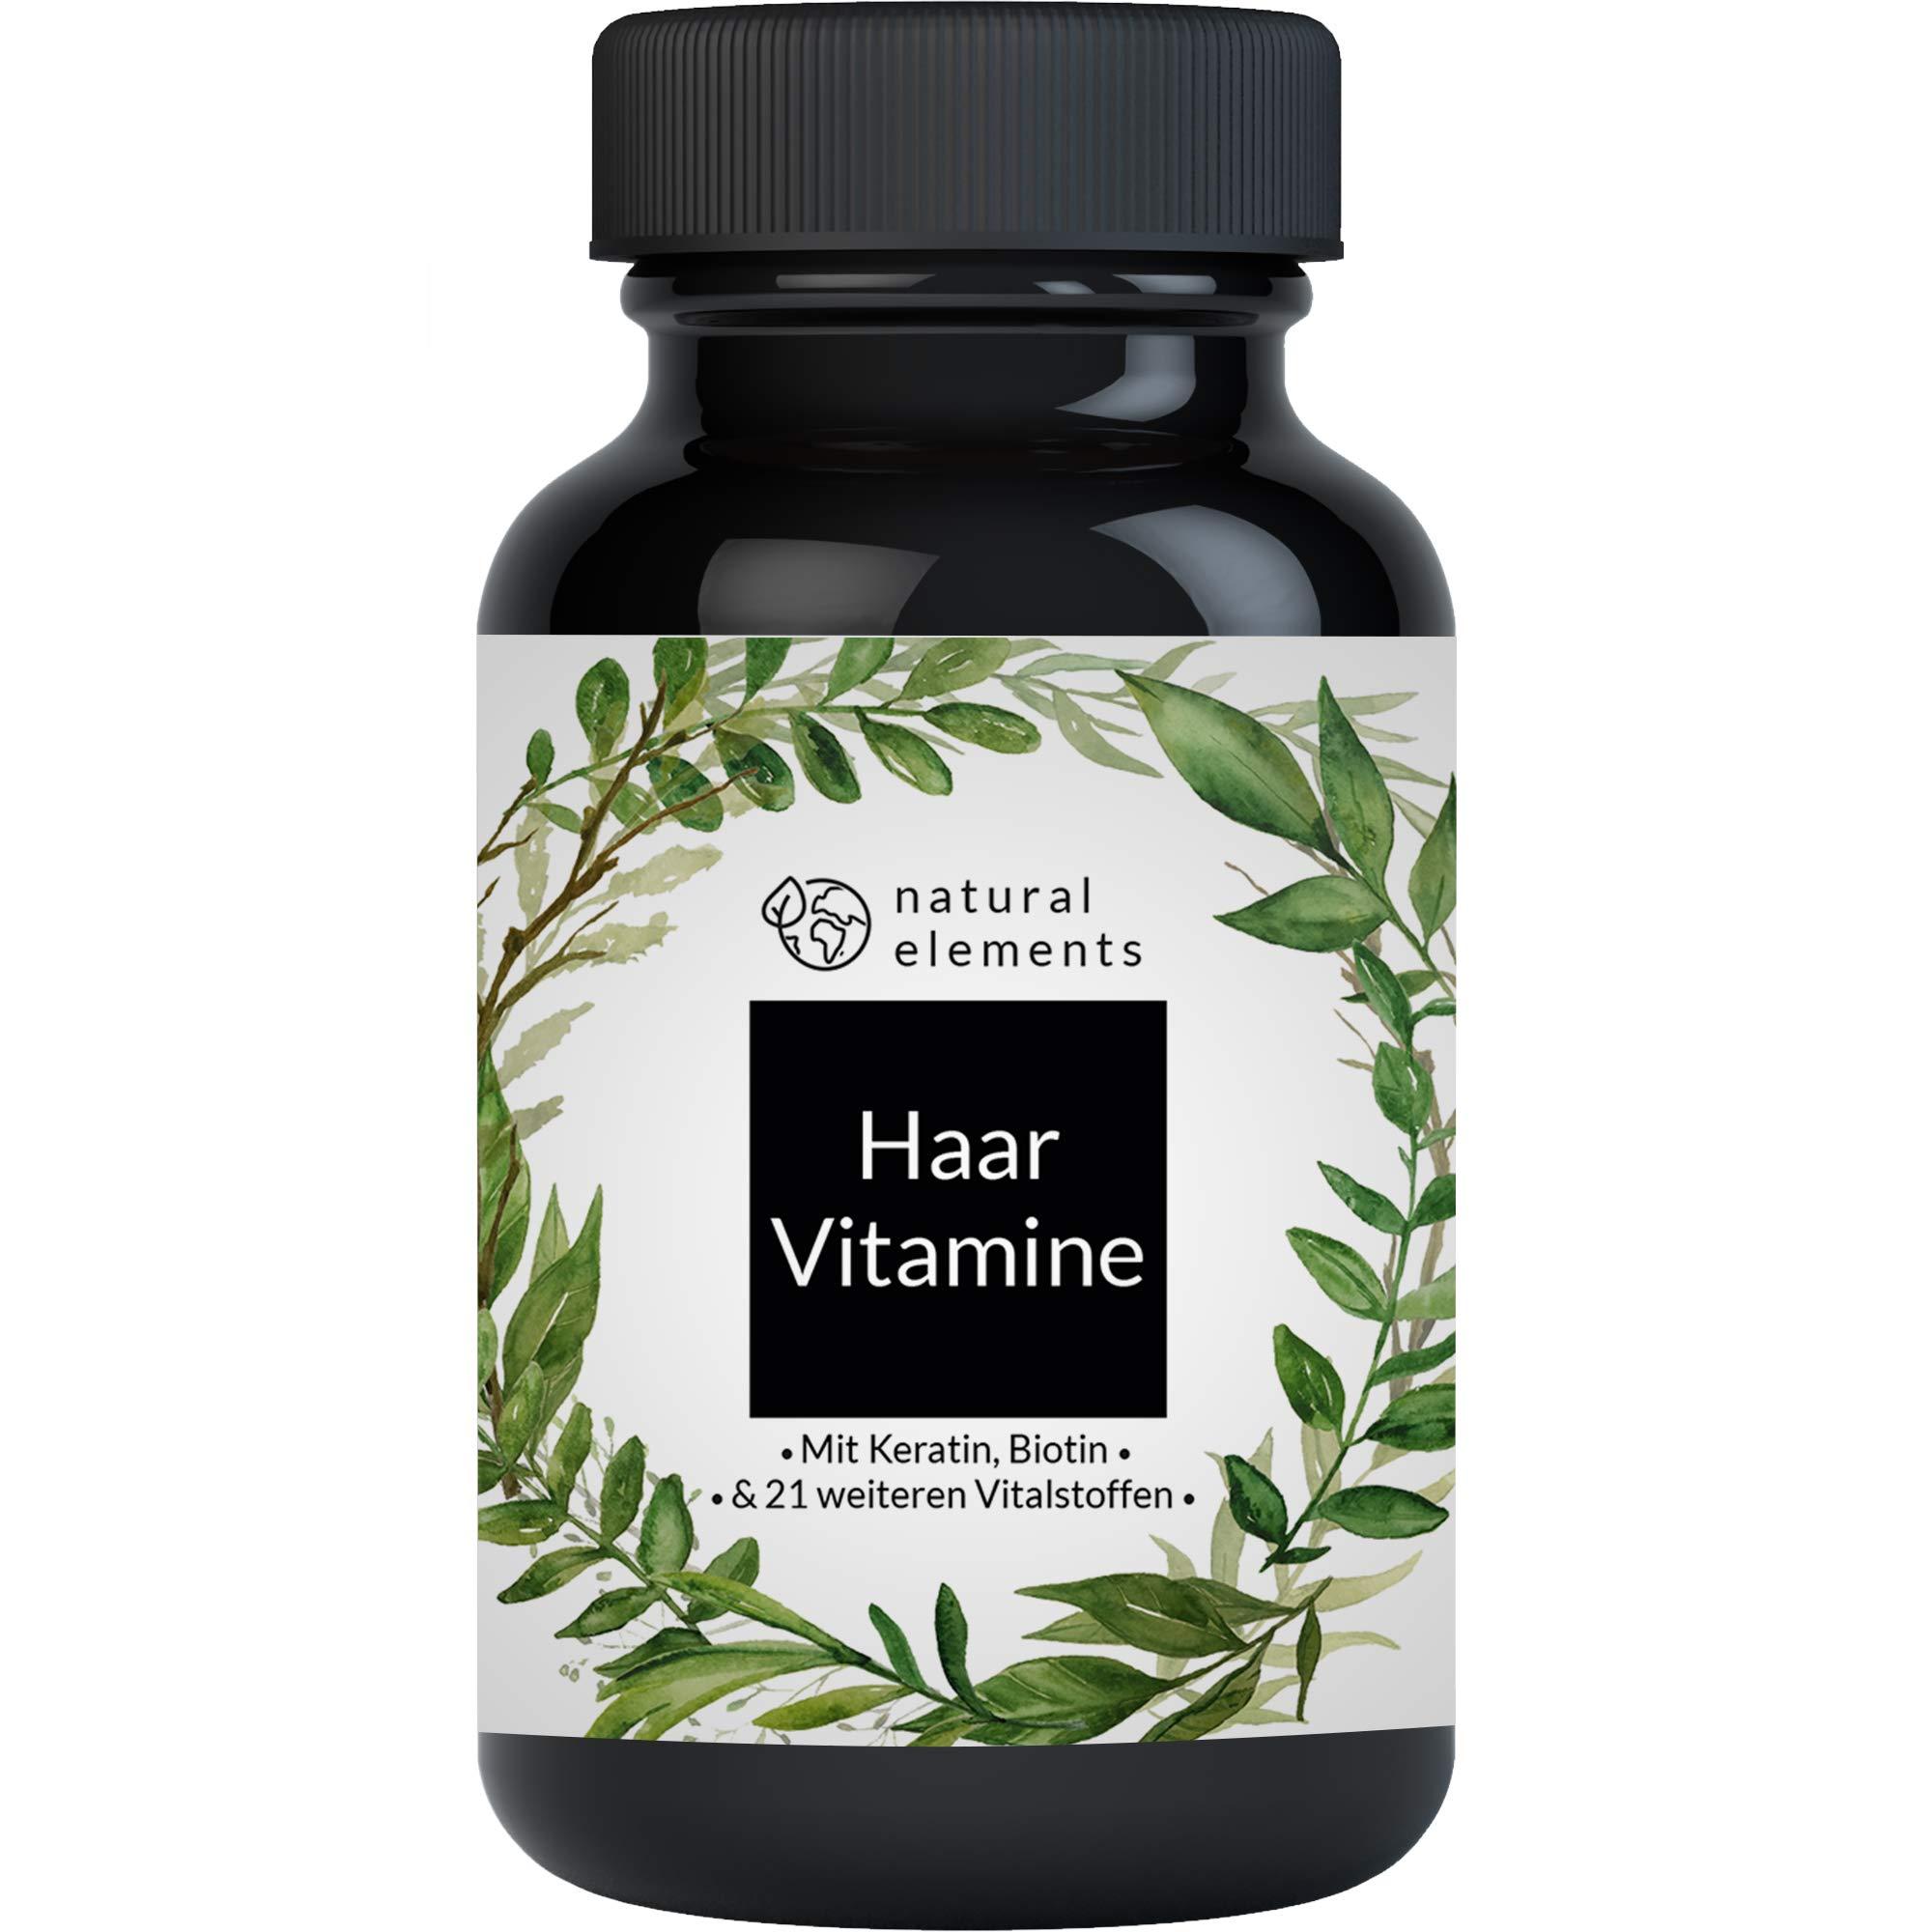 Haar Vitamine 180 - Natürliche Mittel gegen Haarausfall